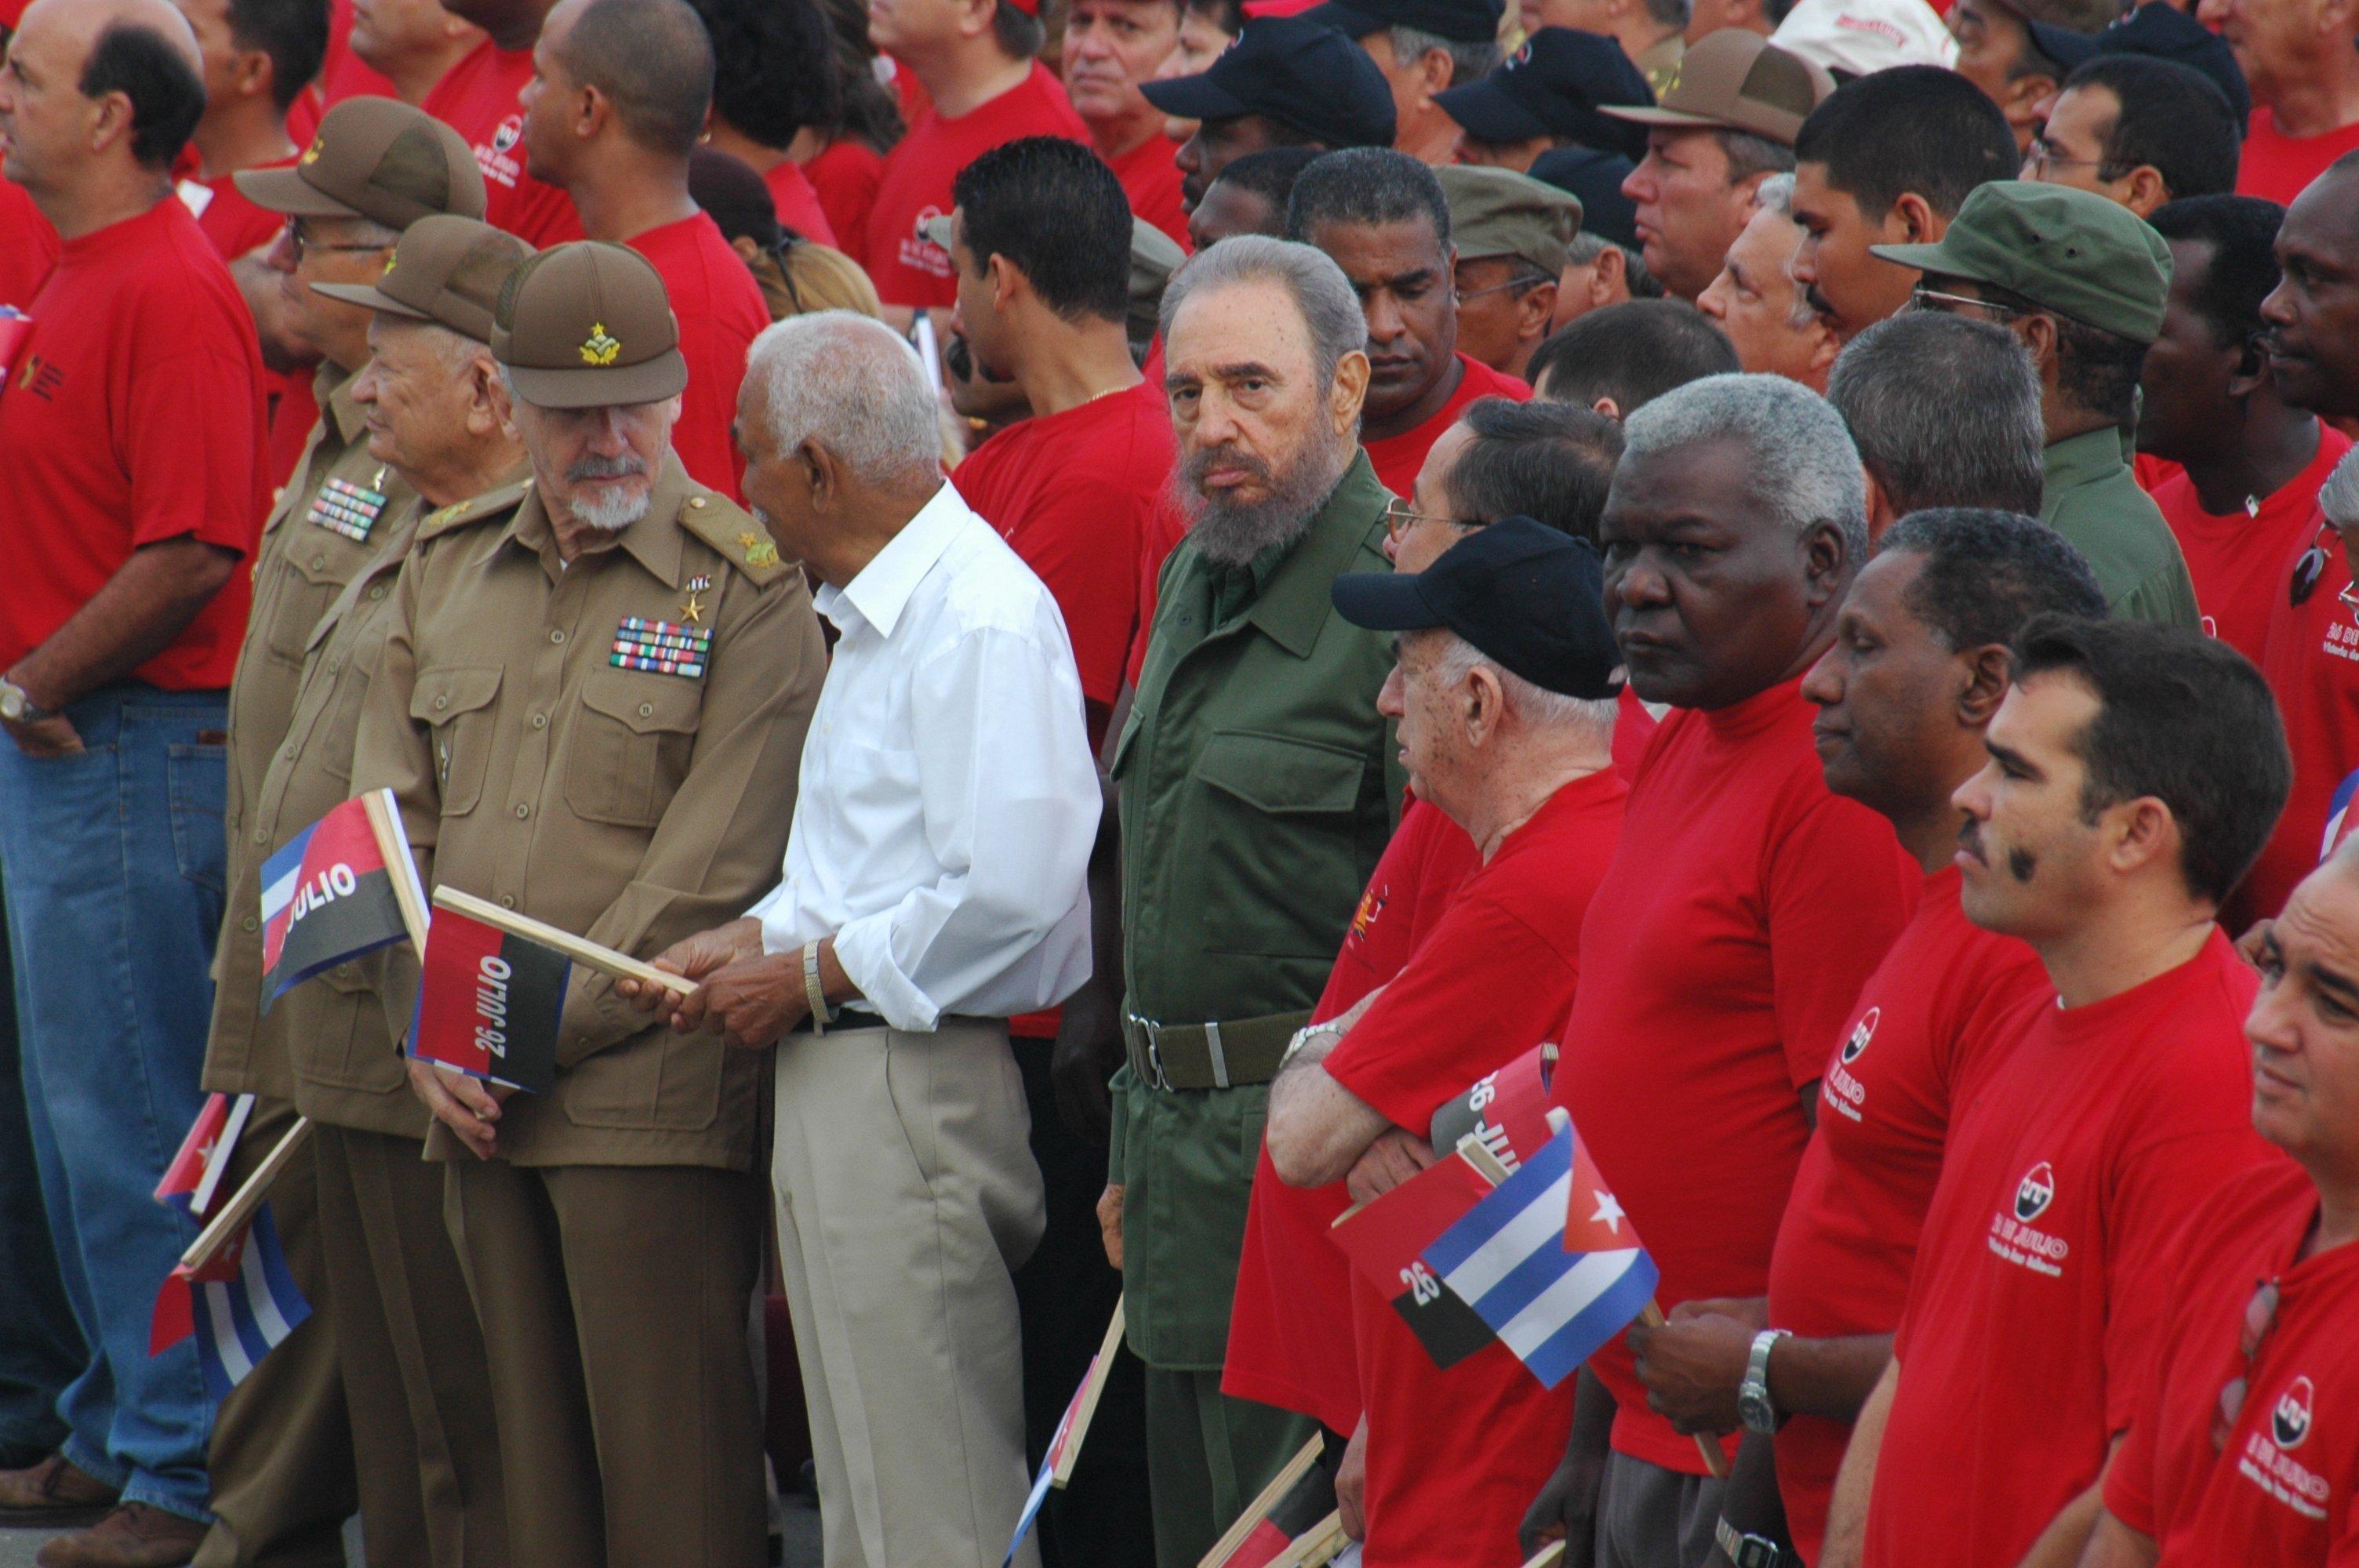 064-Cuba July 26 093